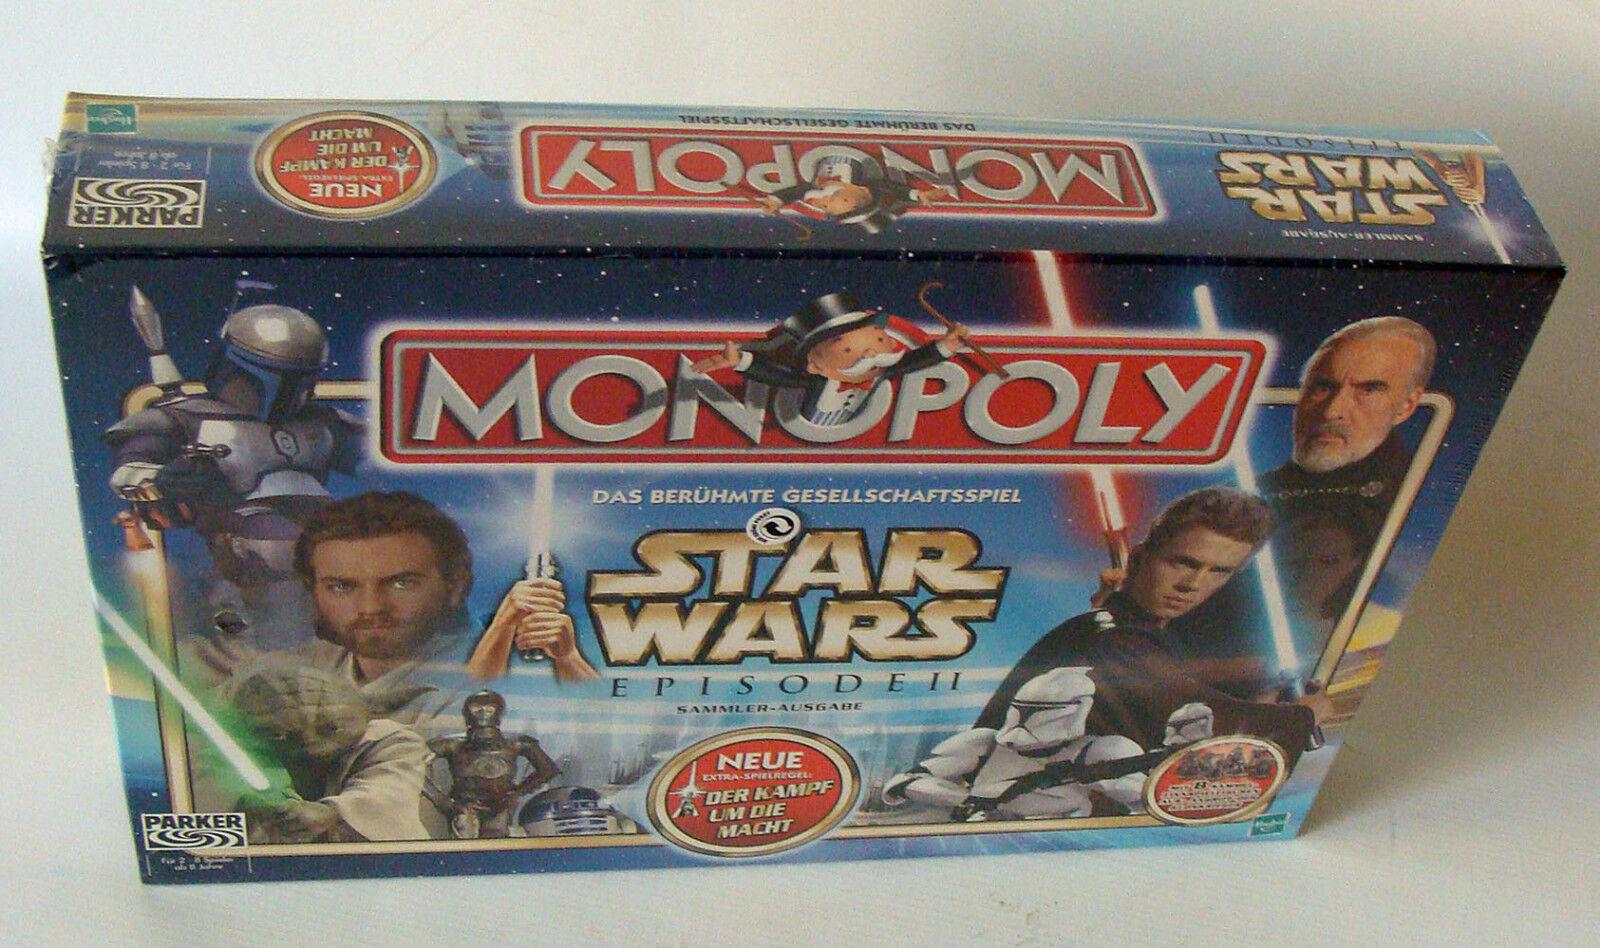 Monopoly Star Wars - Episode II Für 2-8 Spieler Hasbro 8+ - Neu